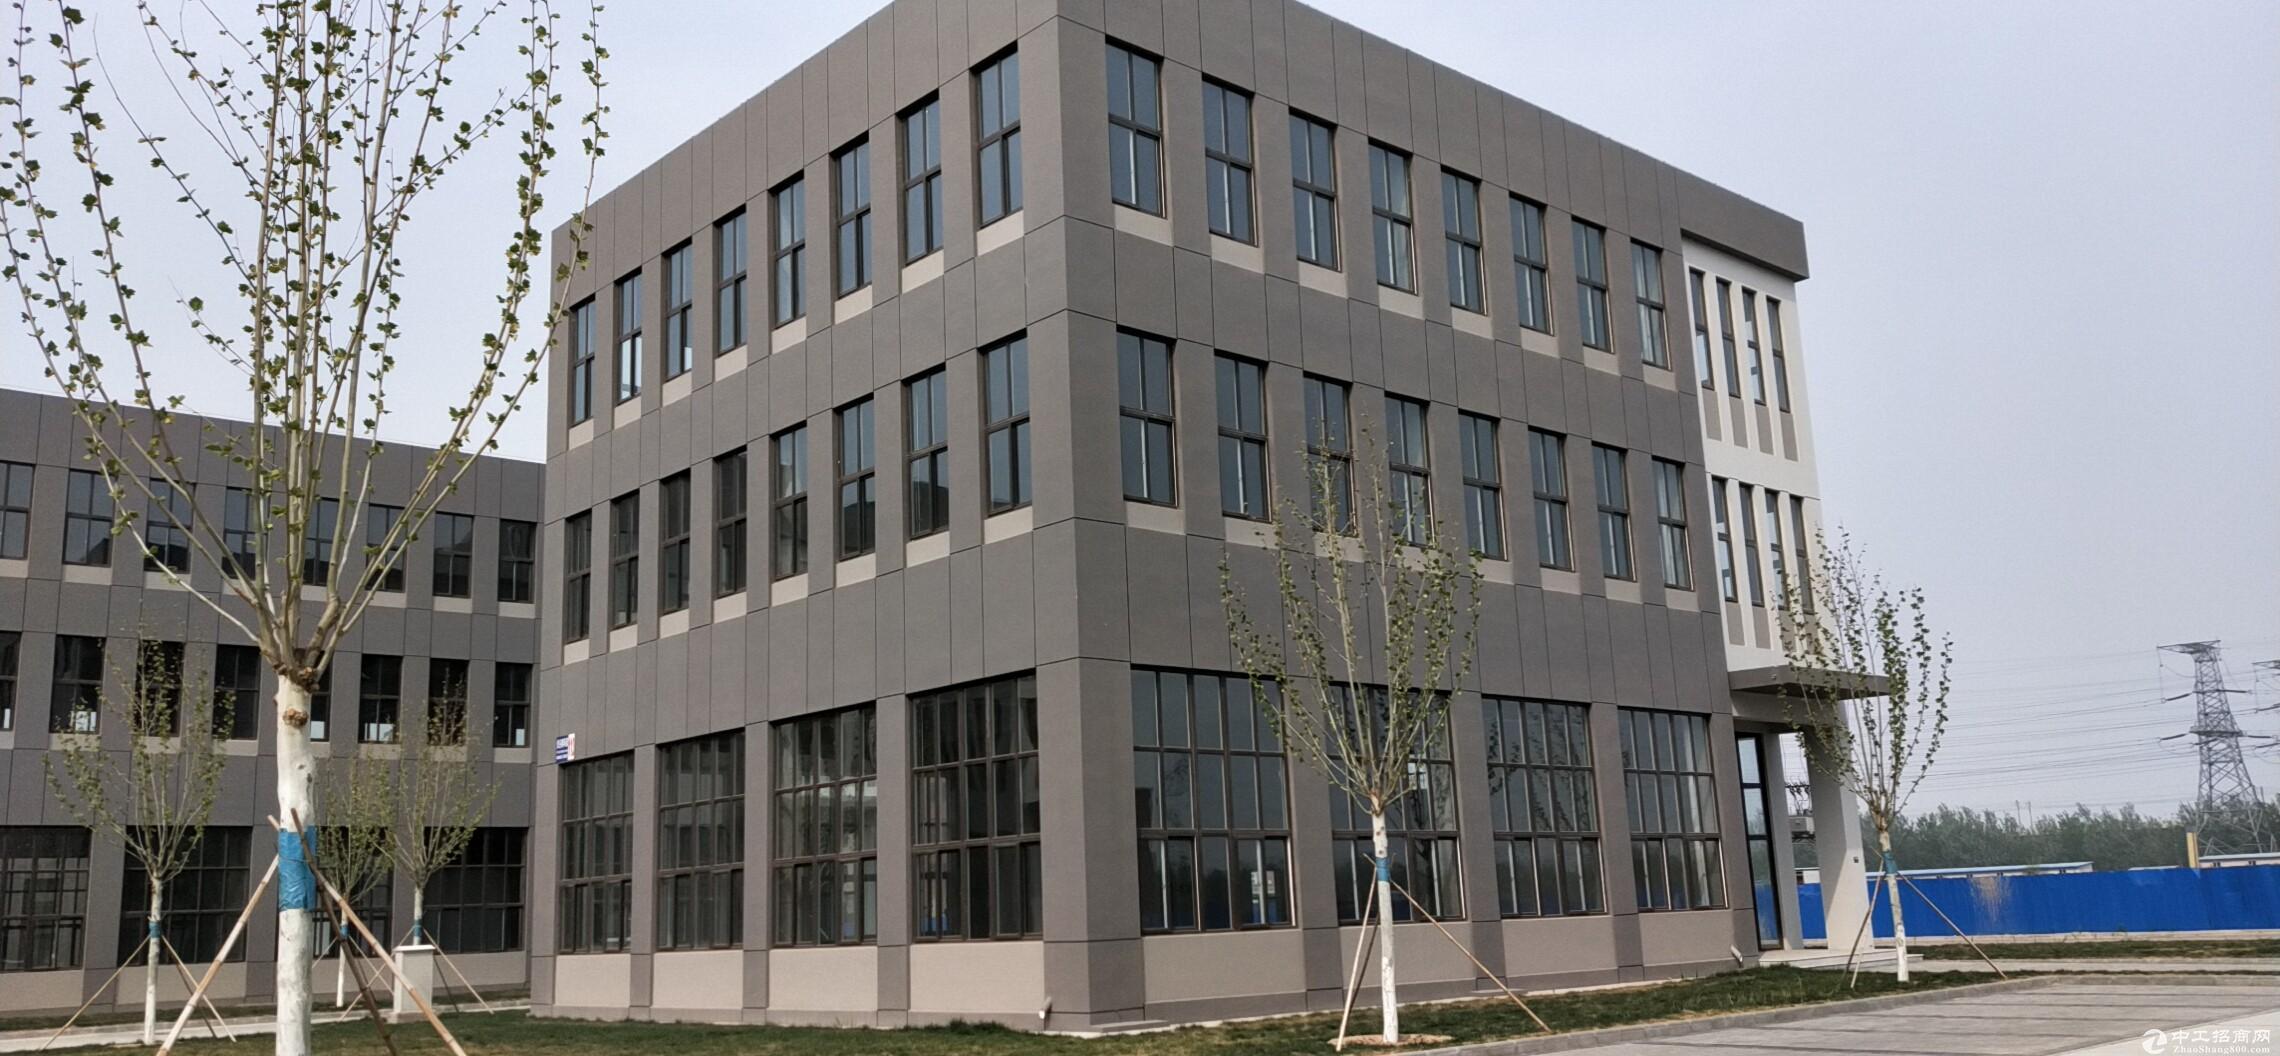 北辰区招商办 50年大产权标准厂房出售,可环评,优质资源一站式服务-图4